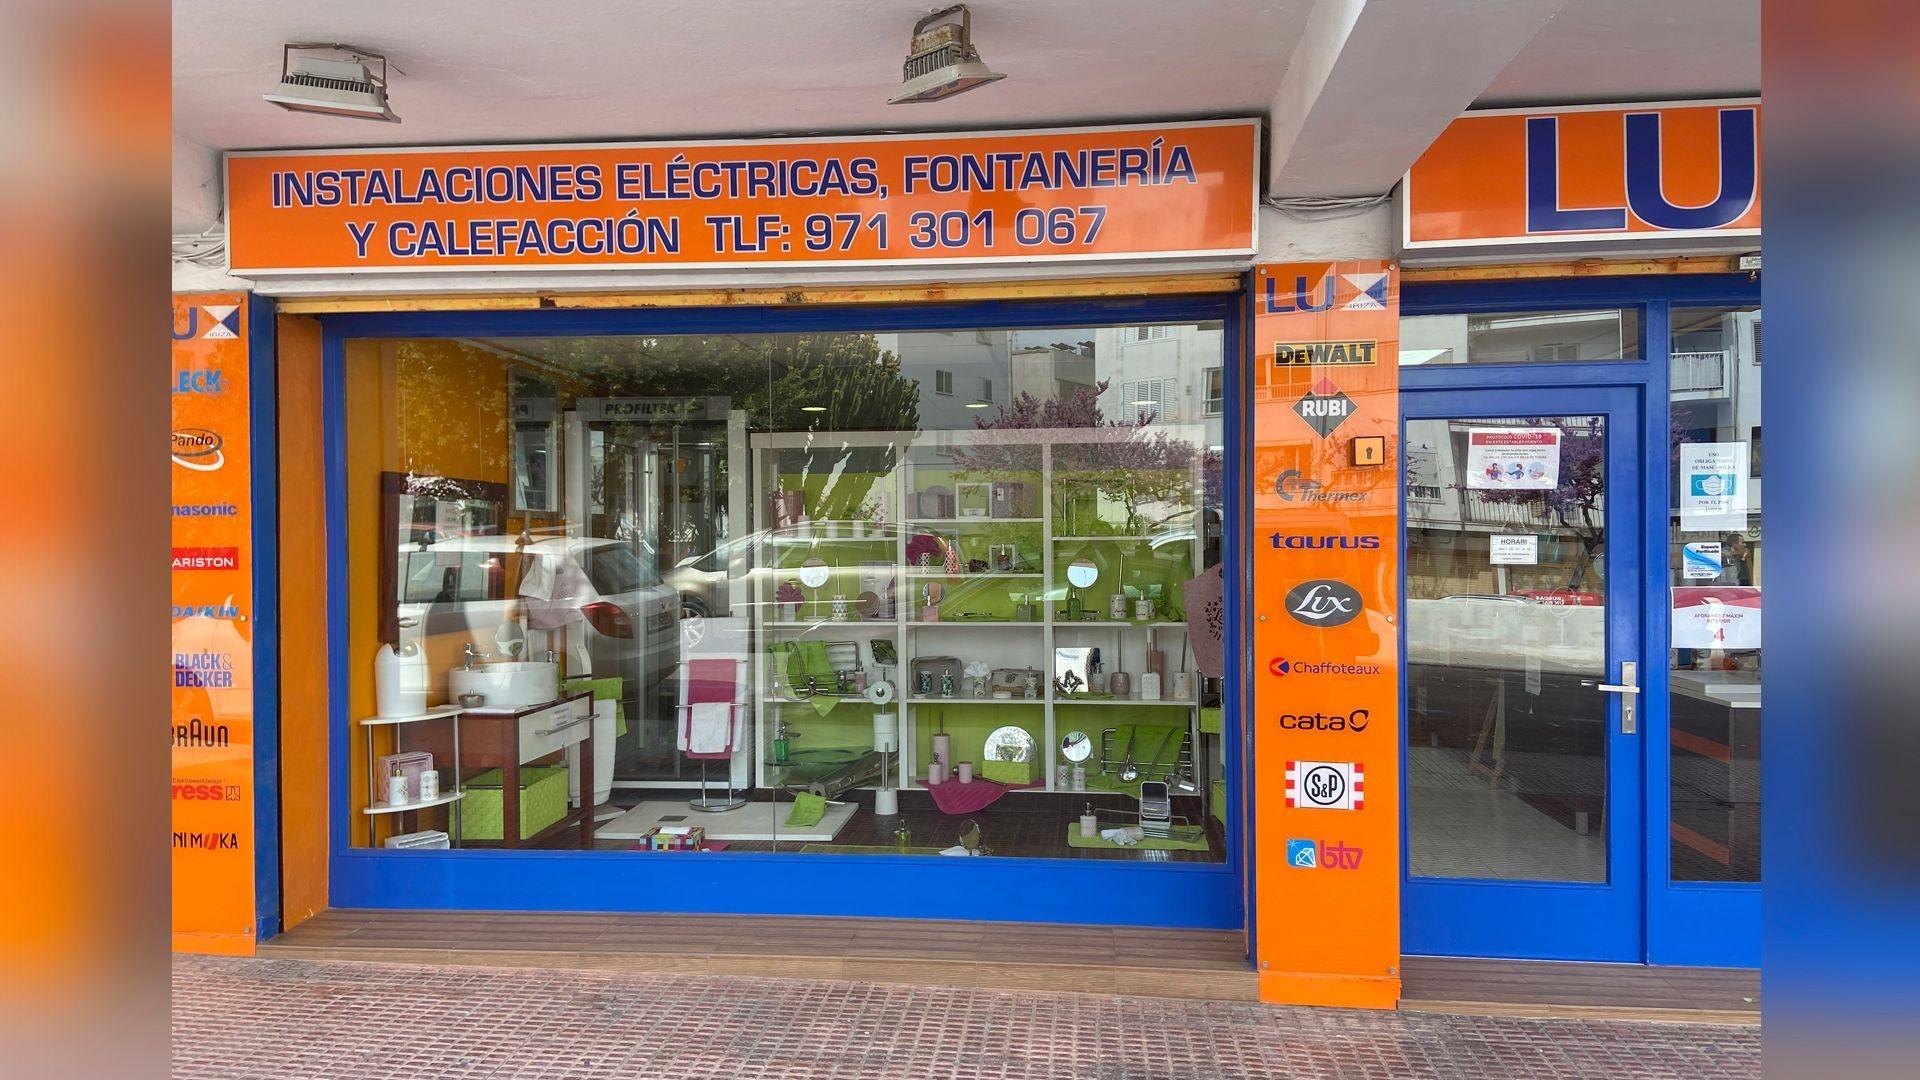 Instalaciones eléctricas Ibiza